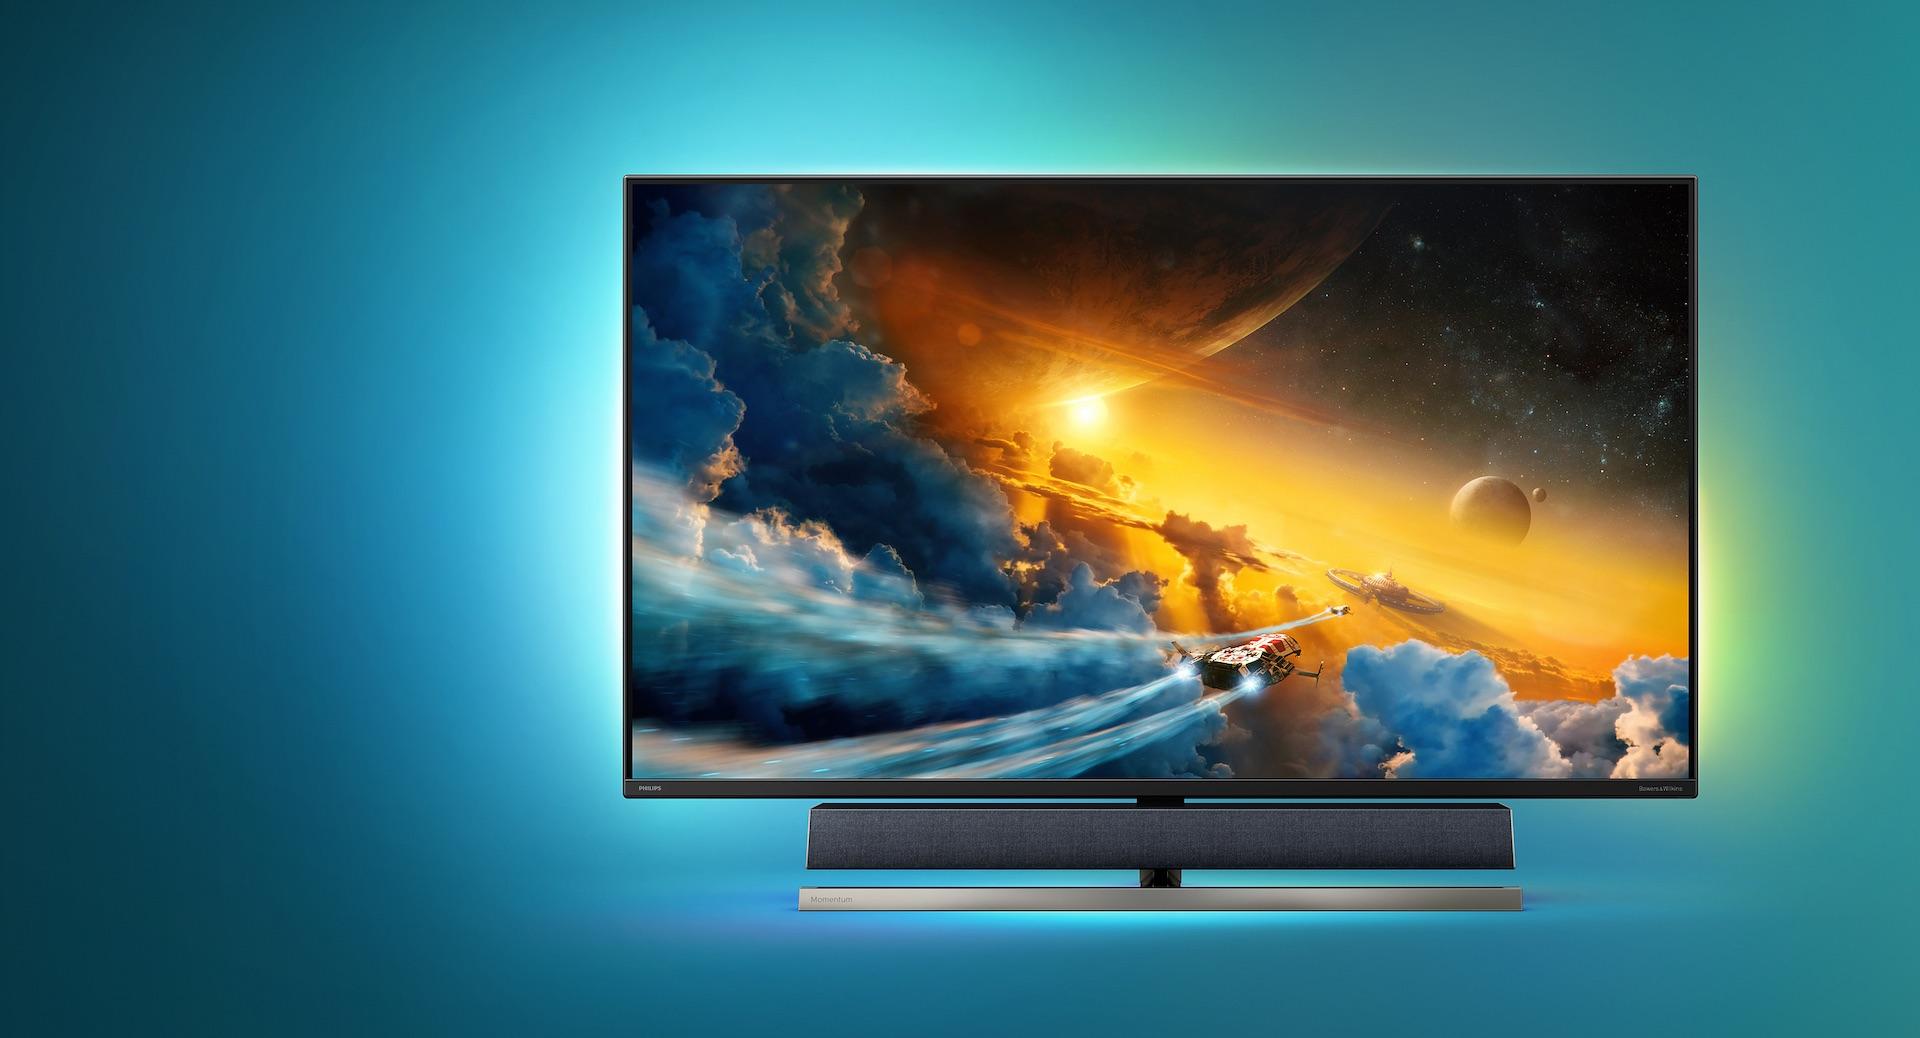 Philips Momentum zapowiedziane! Holendrzy wydają monitory skierowane do graczy 16